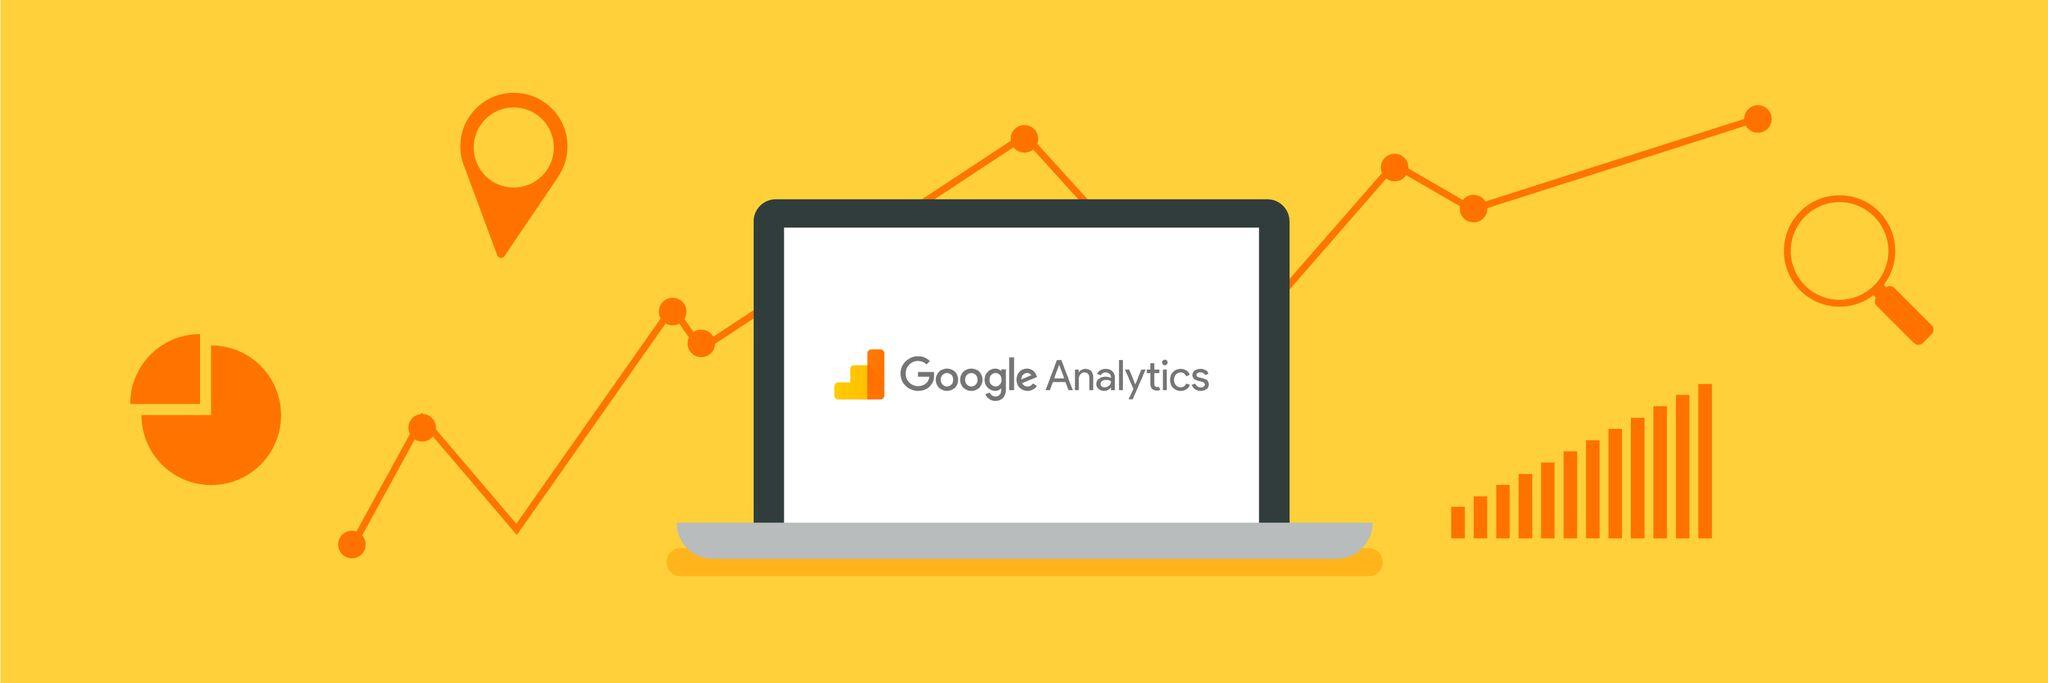 Using Google Analytics Data